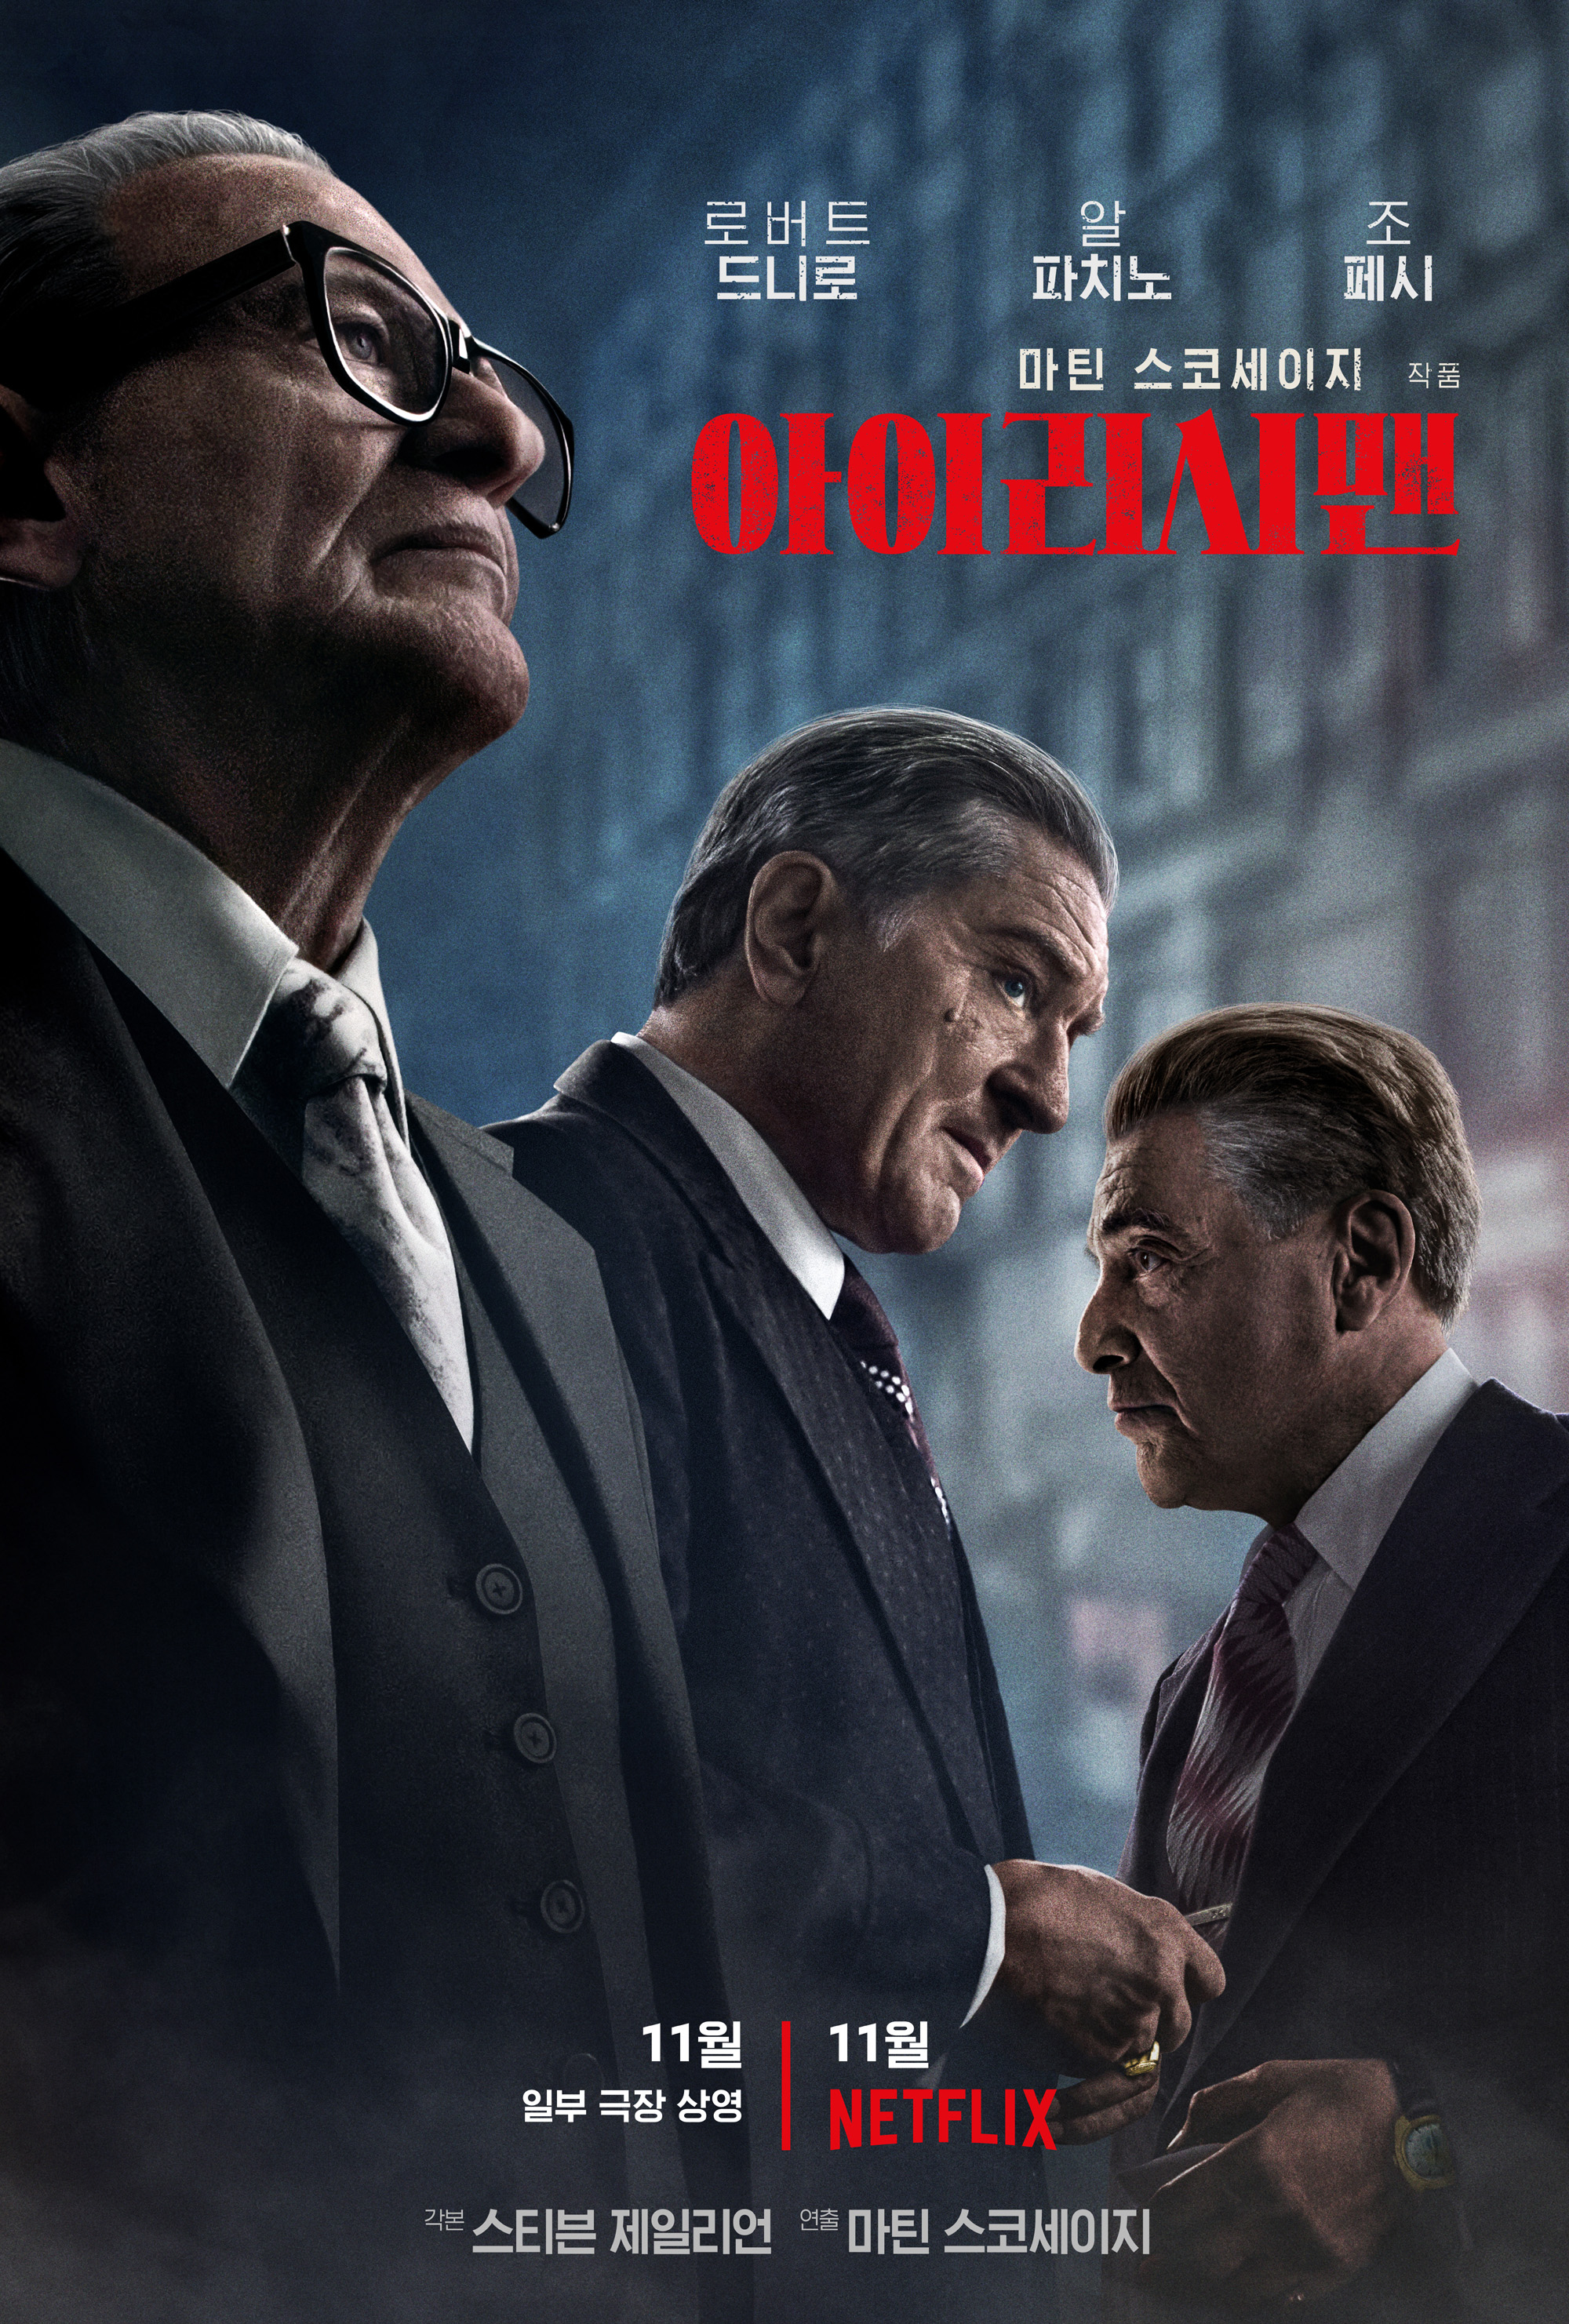 2019 美國《愛爾蘭人》講述了戰后美國有組織犯罪的故事